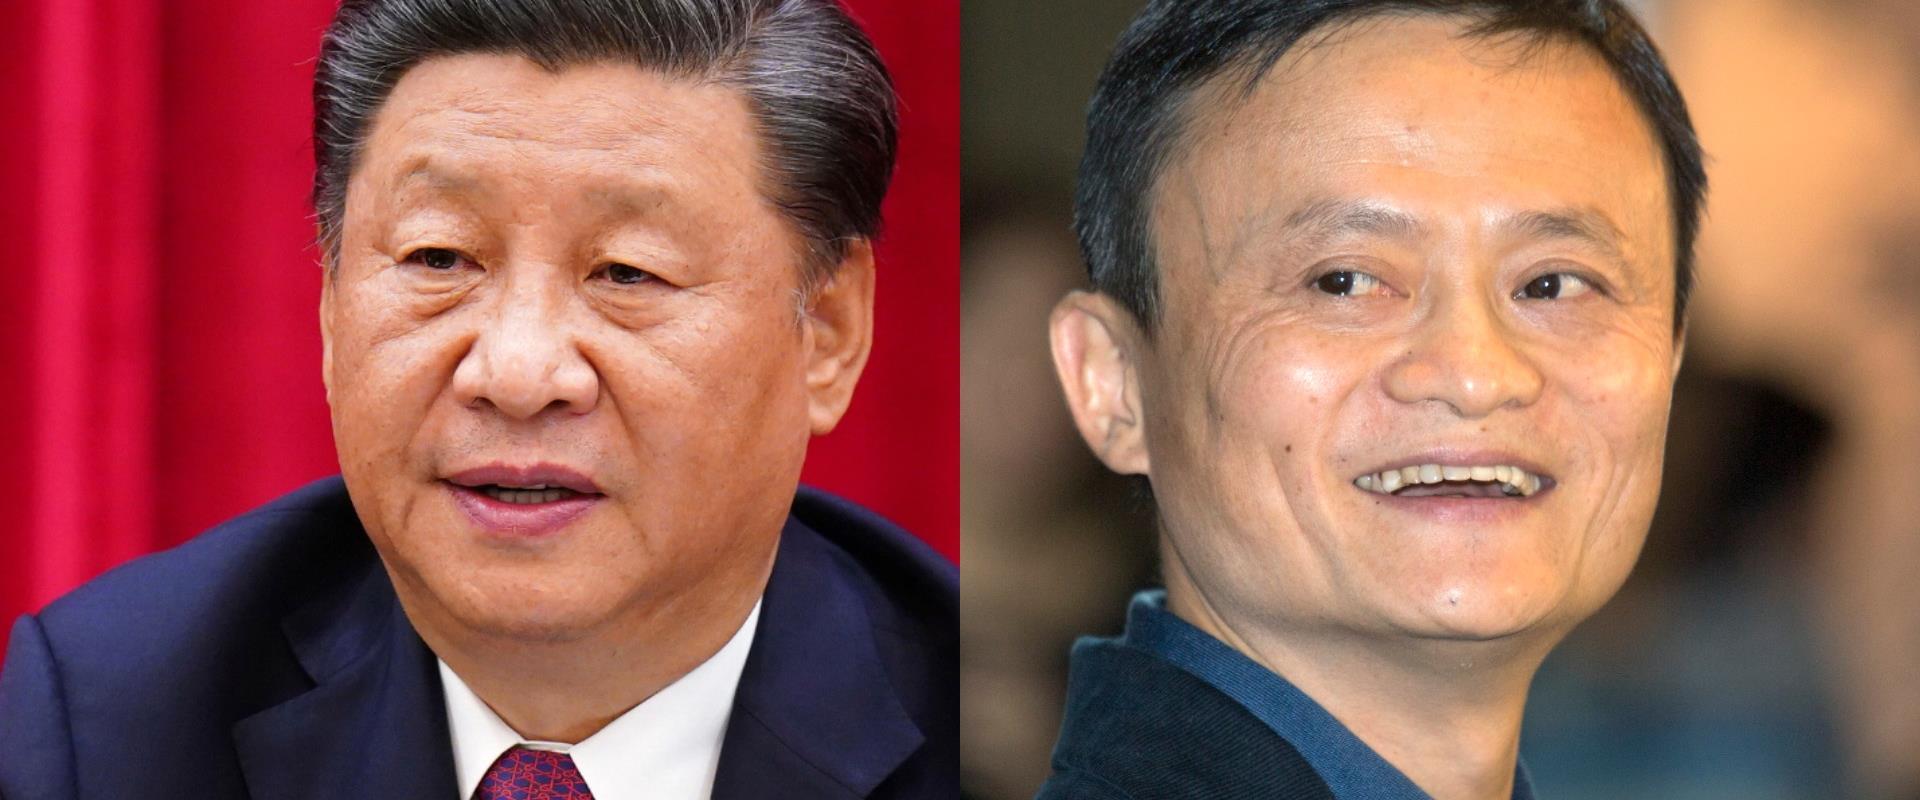 ג'ק מא (מימין) ונשיא סין, שי ג'ינפינג